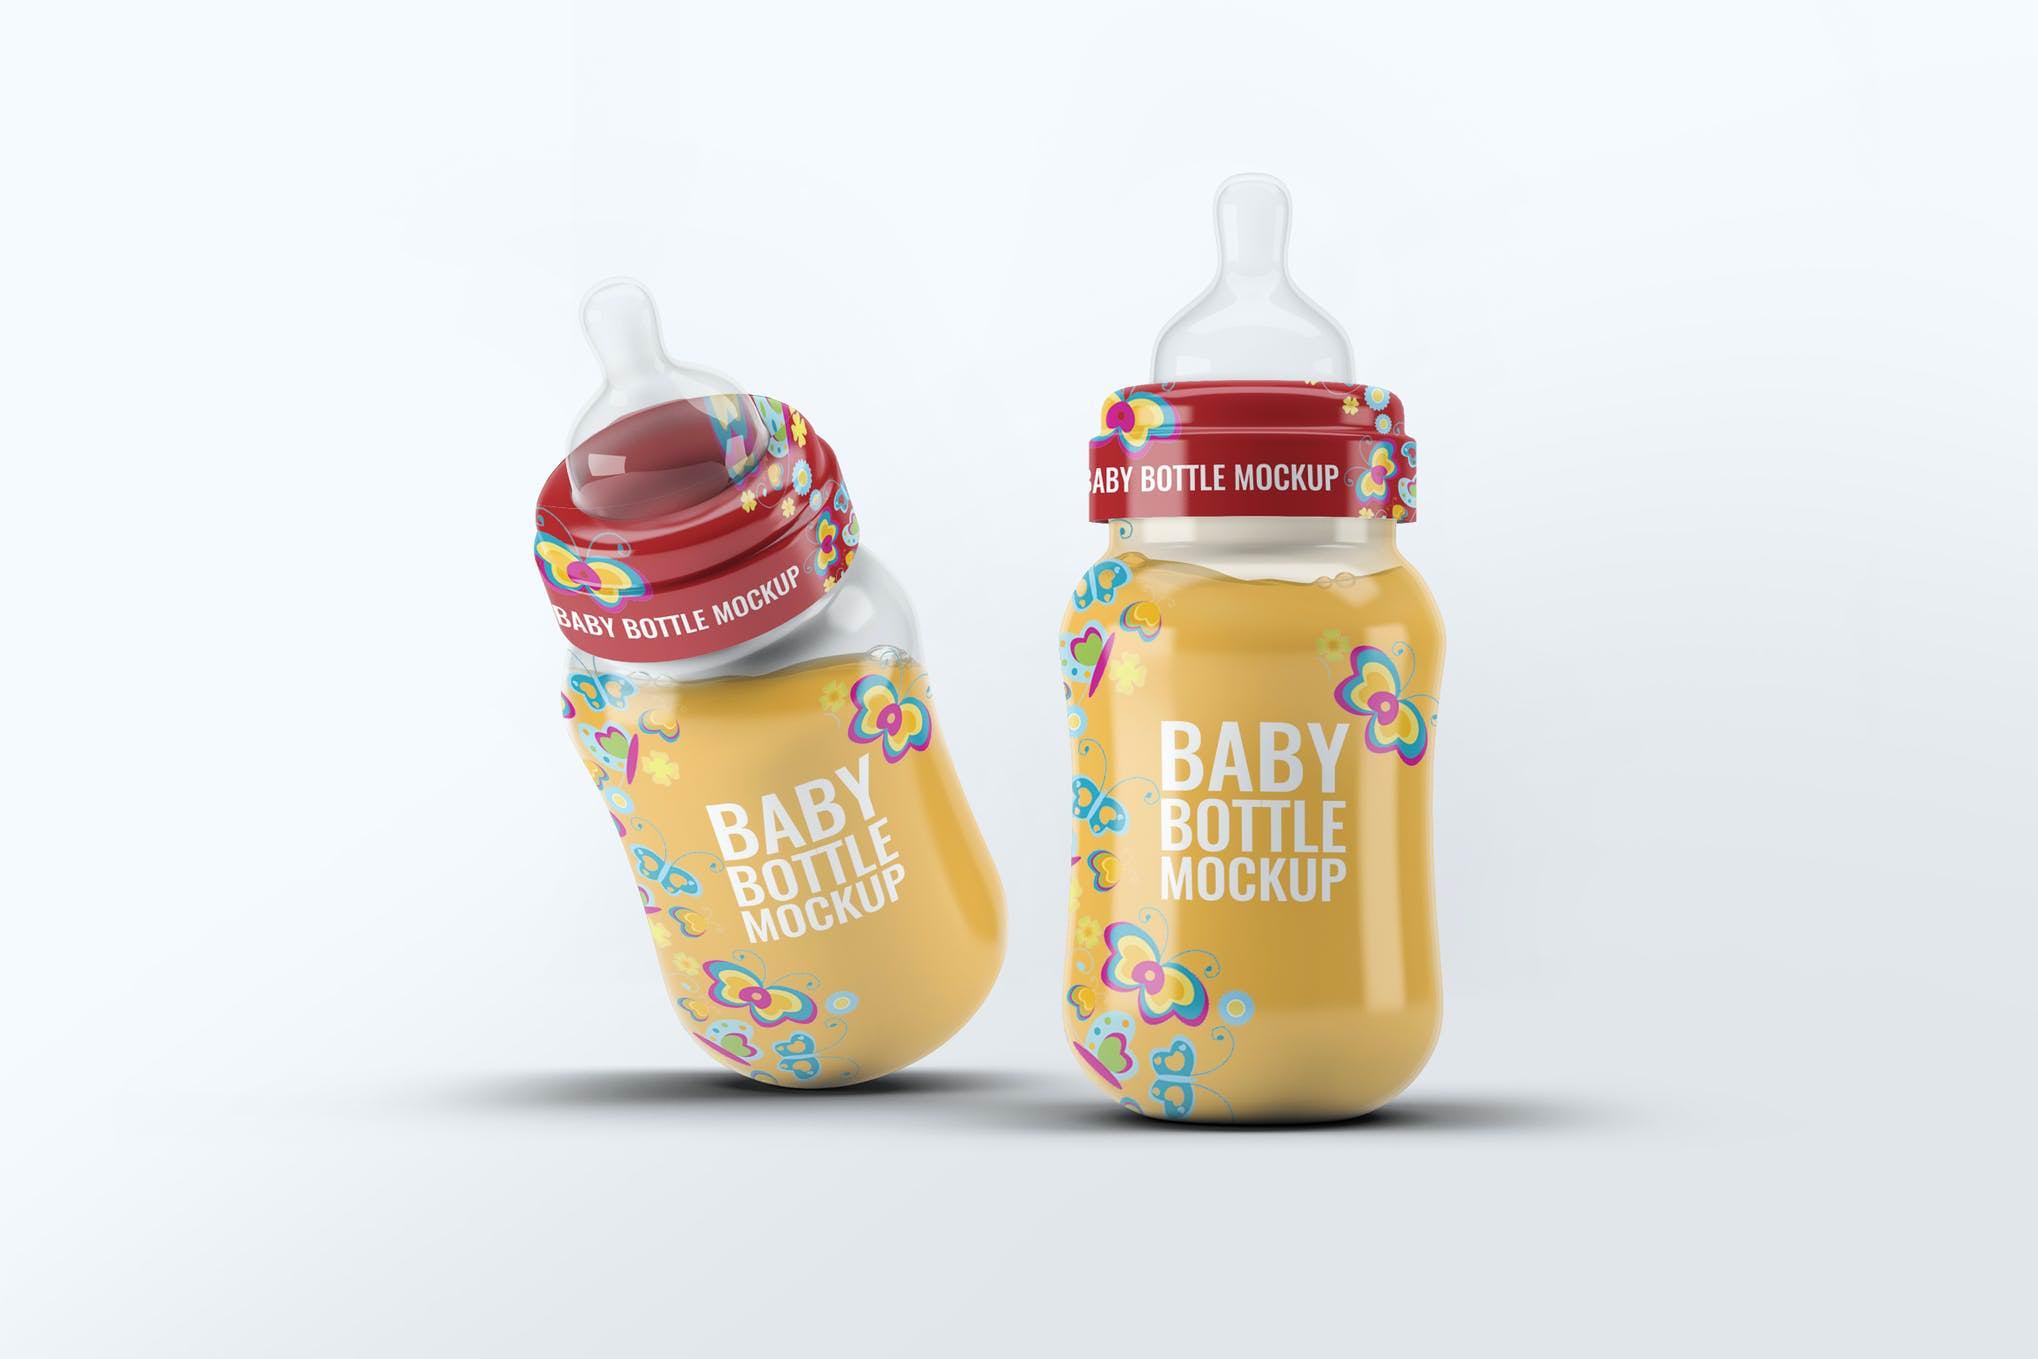 奶瓶样机效果图插图(1)